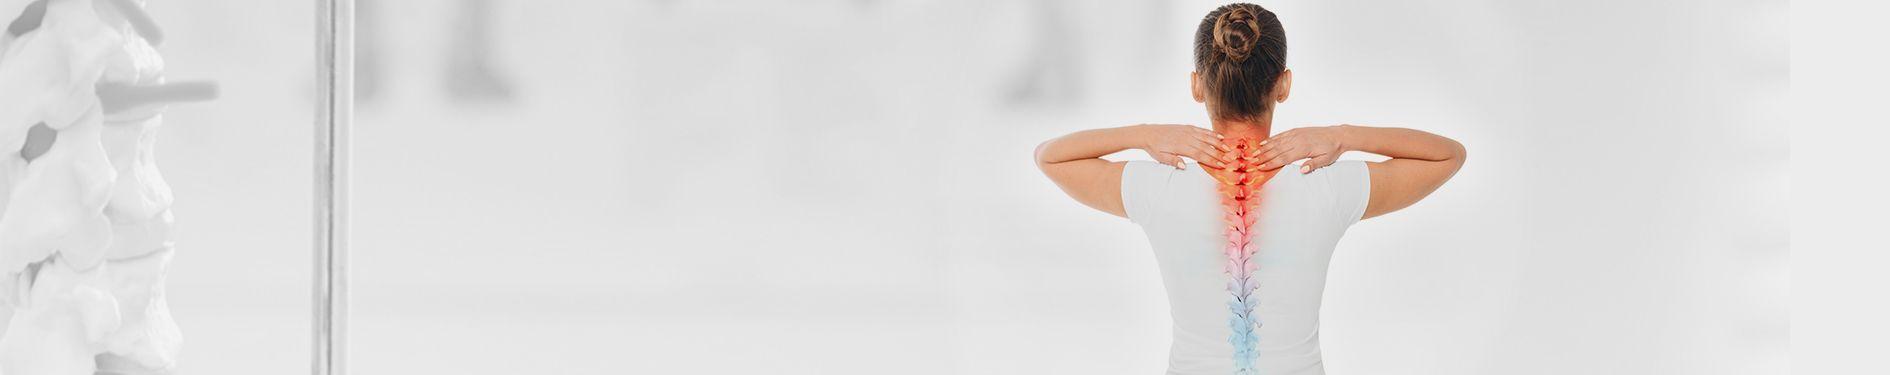 Kobieta trzymająca się za kark